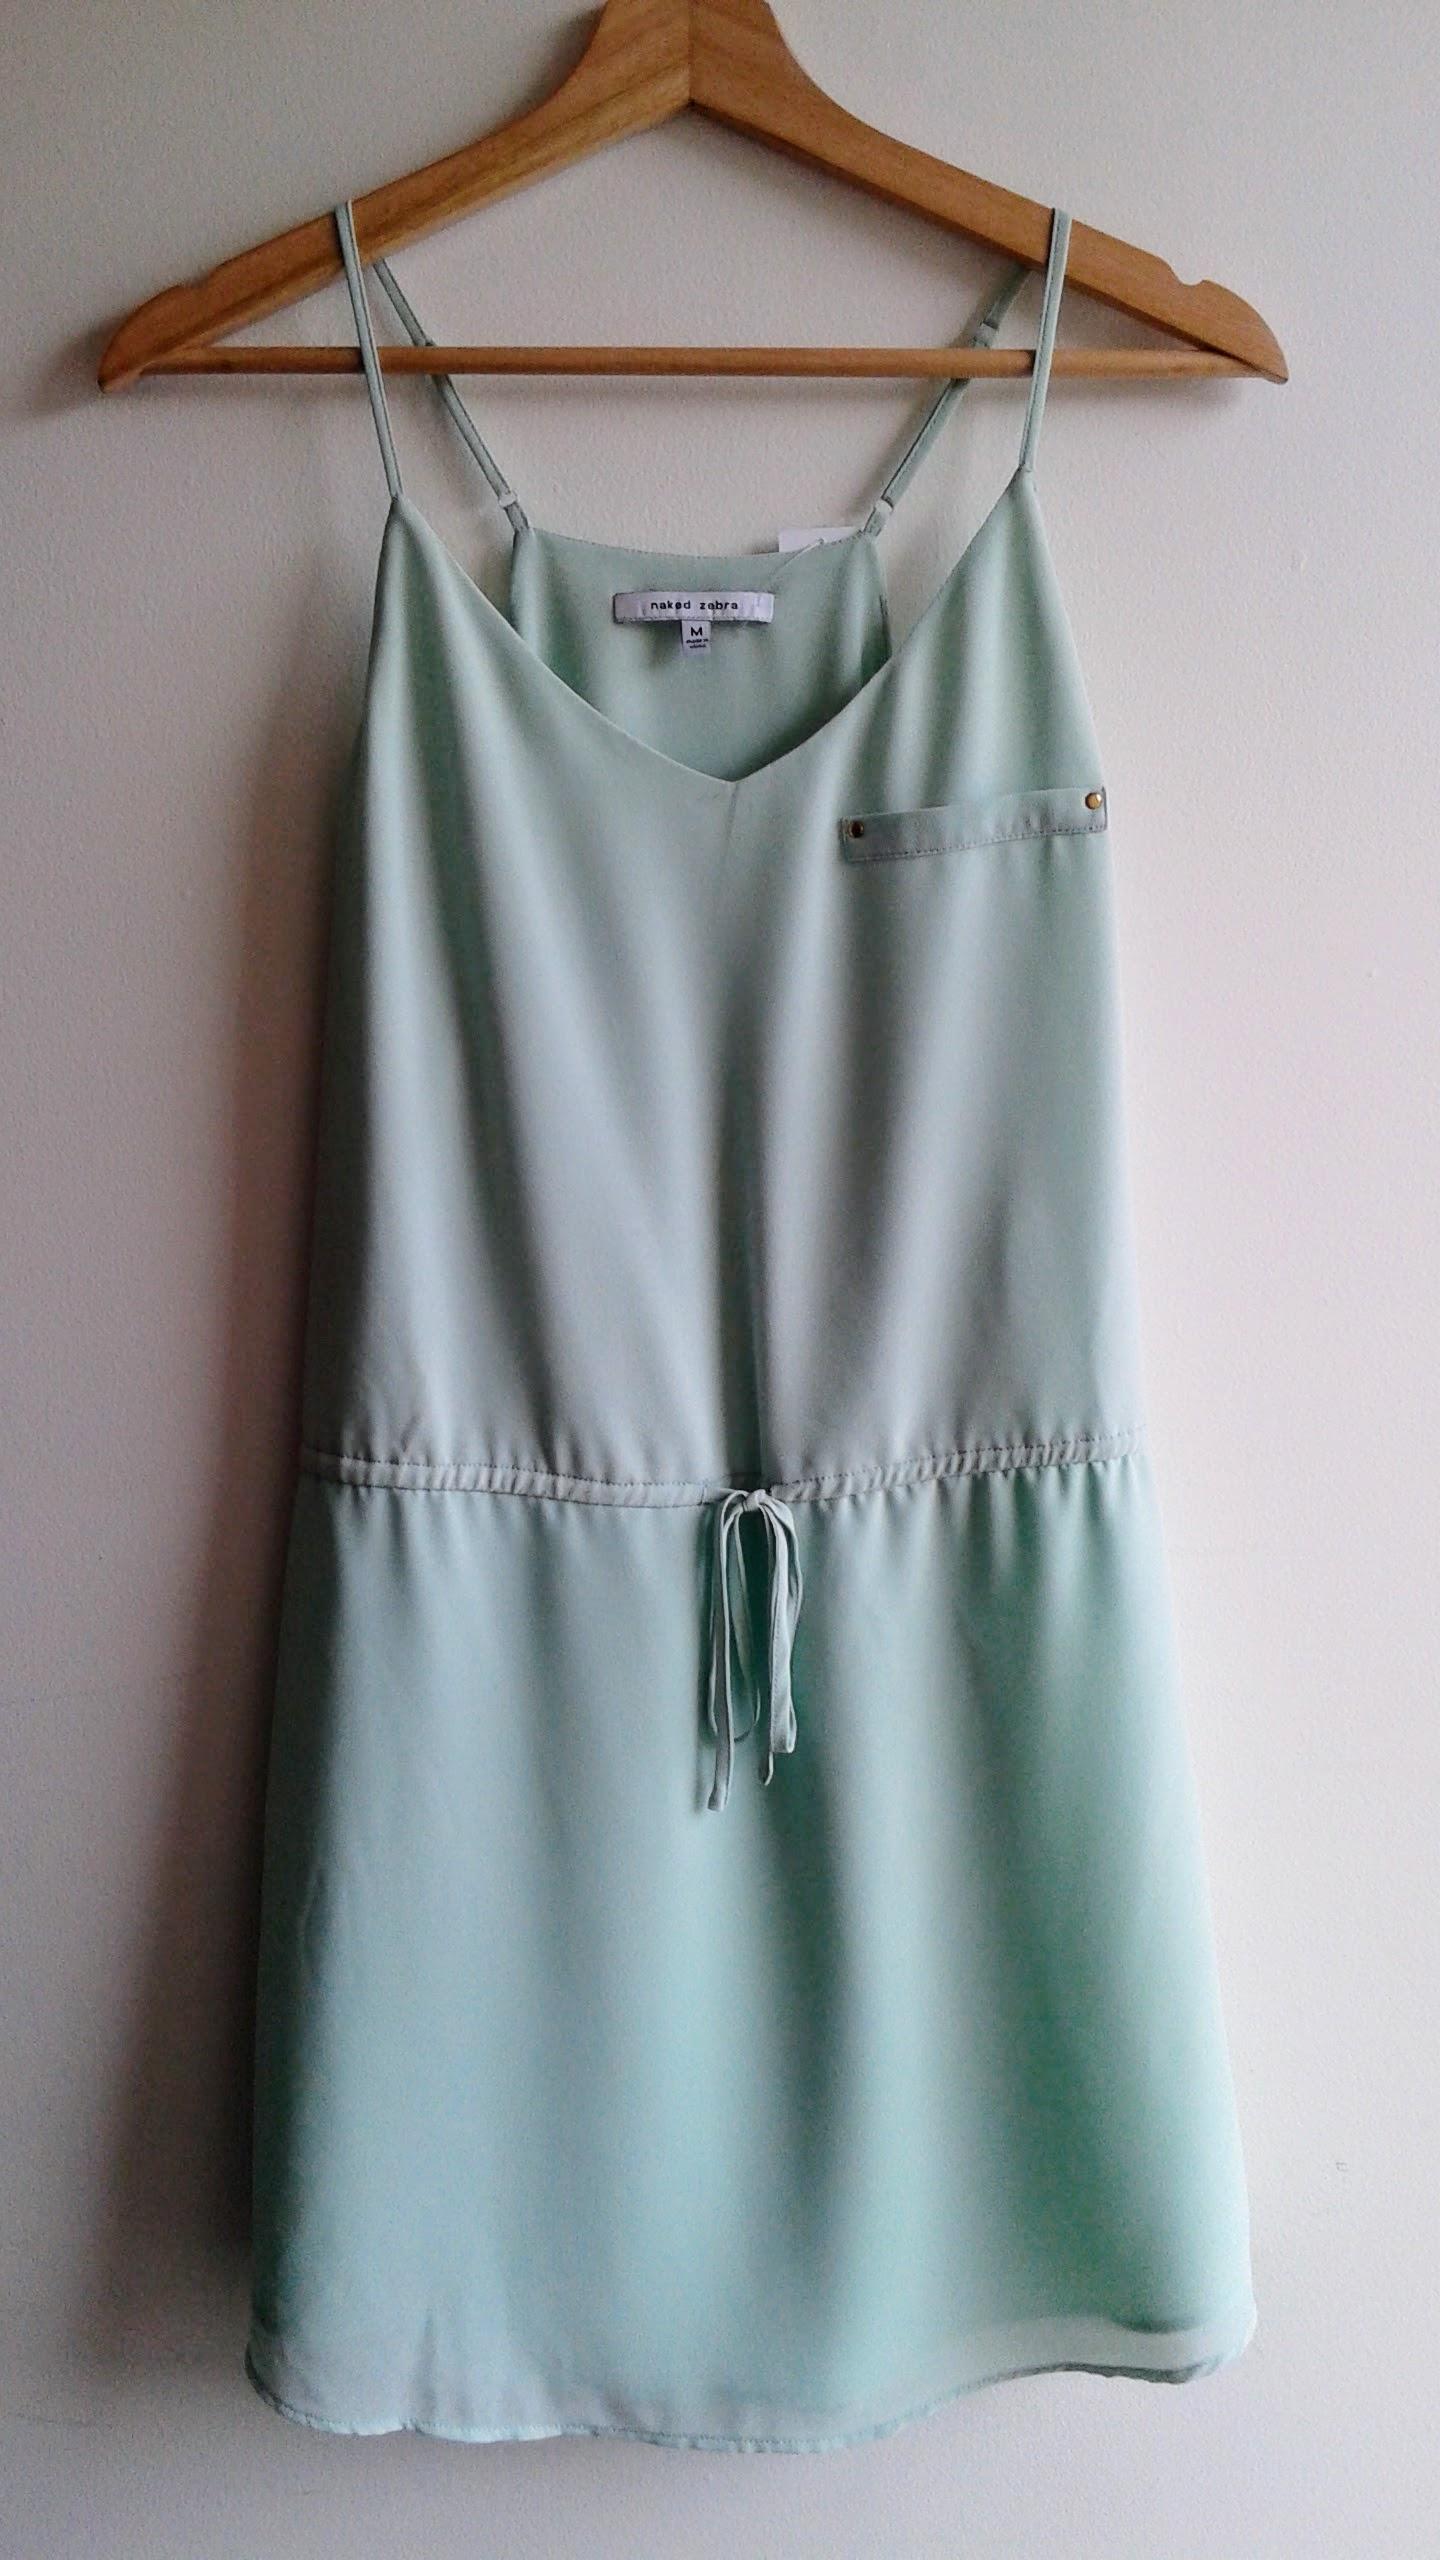 Naked Zebra  dress; Size M, $28